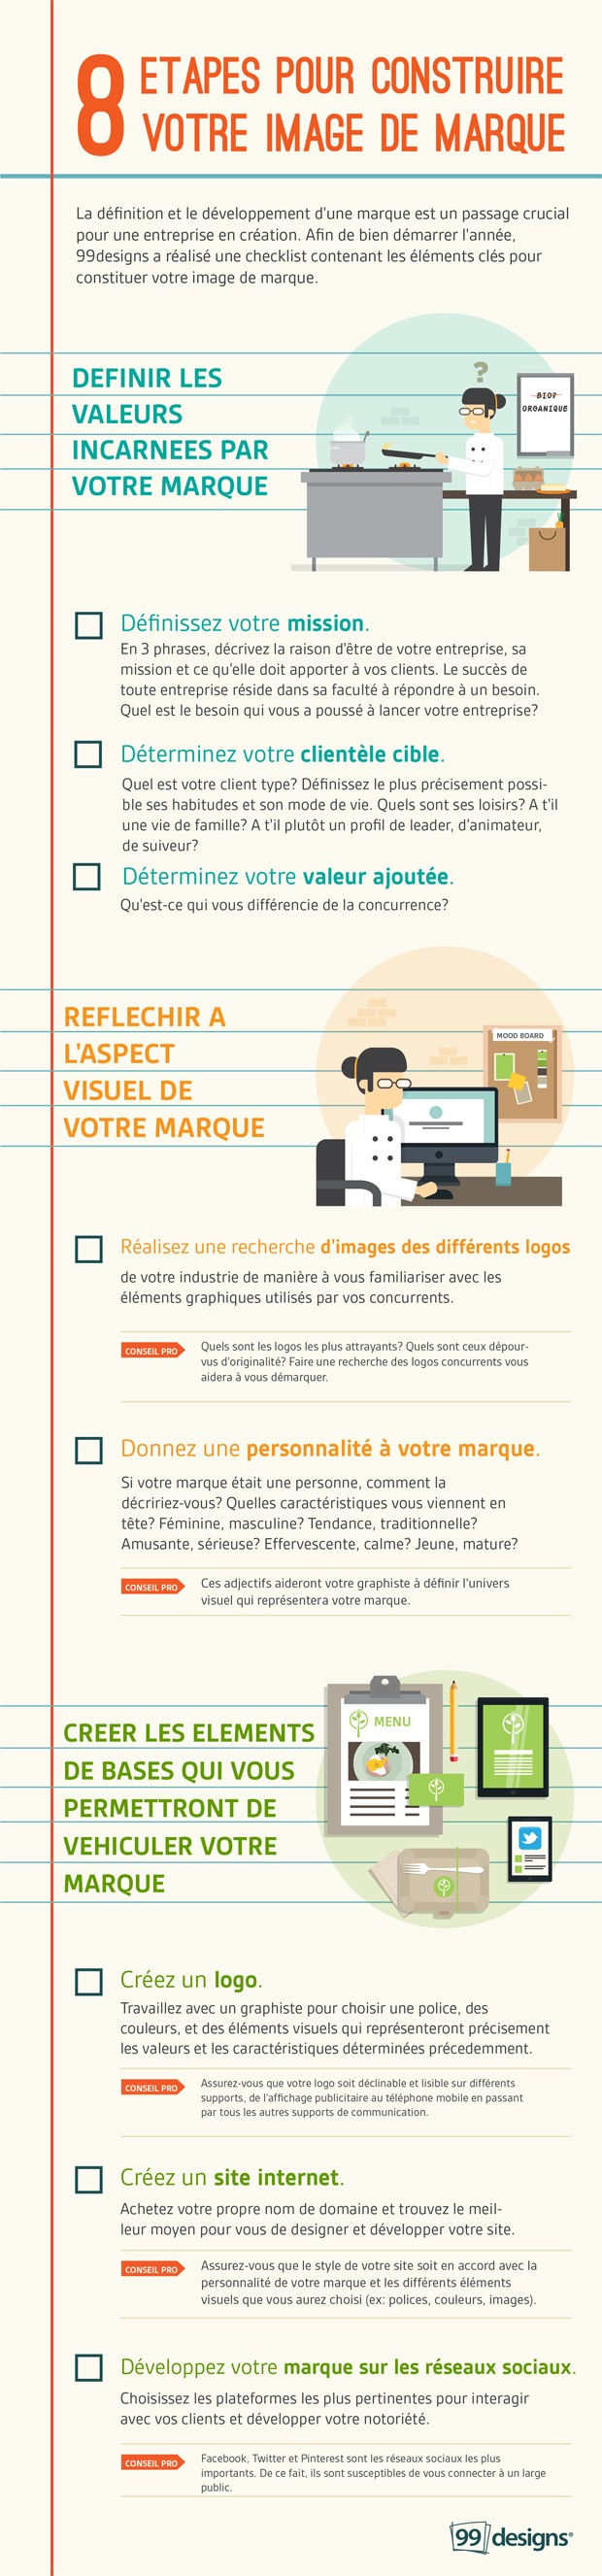 Infographie,8 étapes pour construire son image de marque